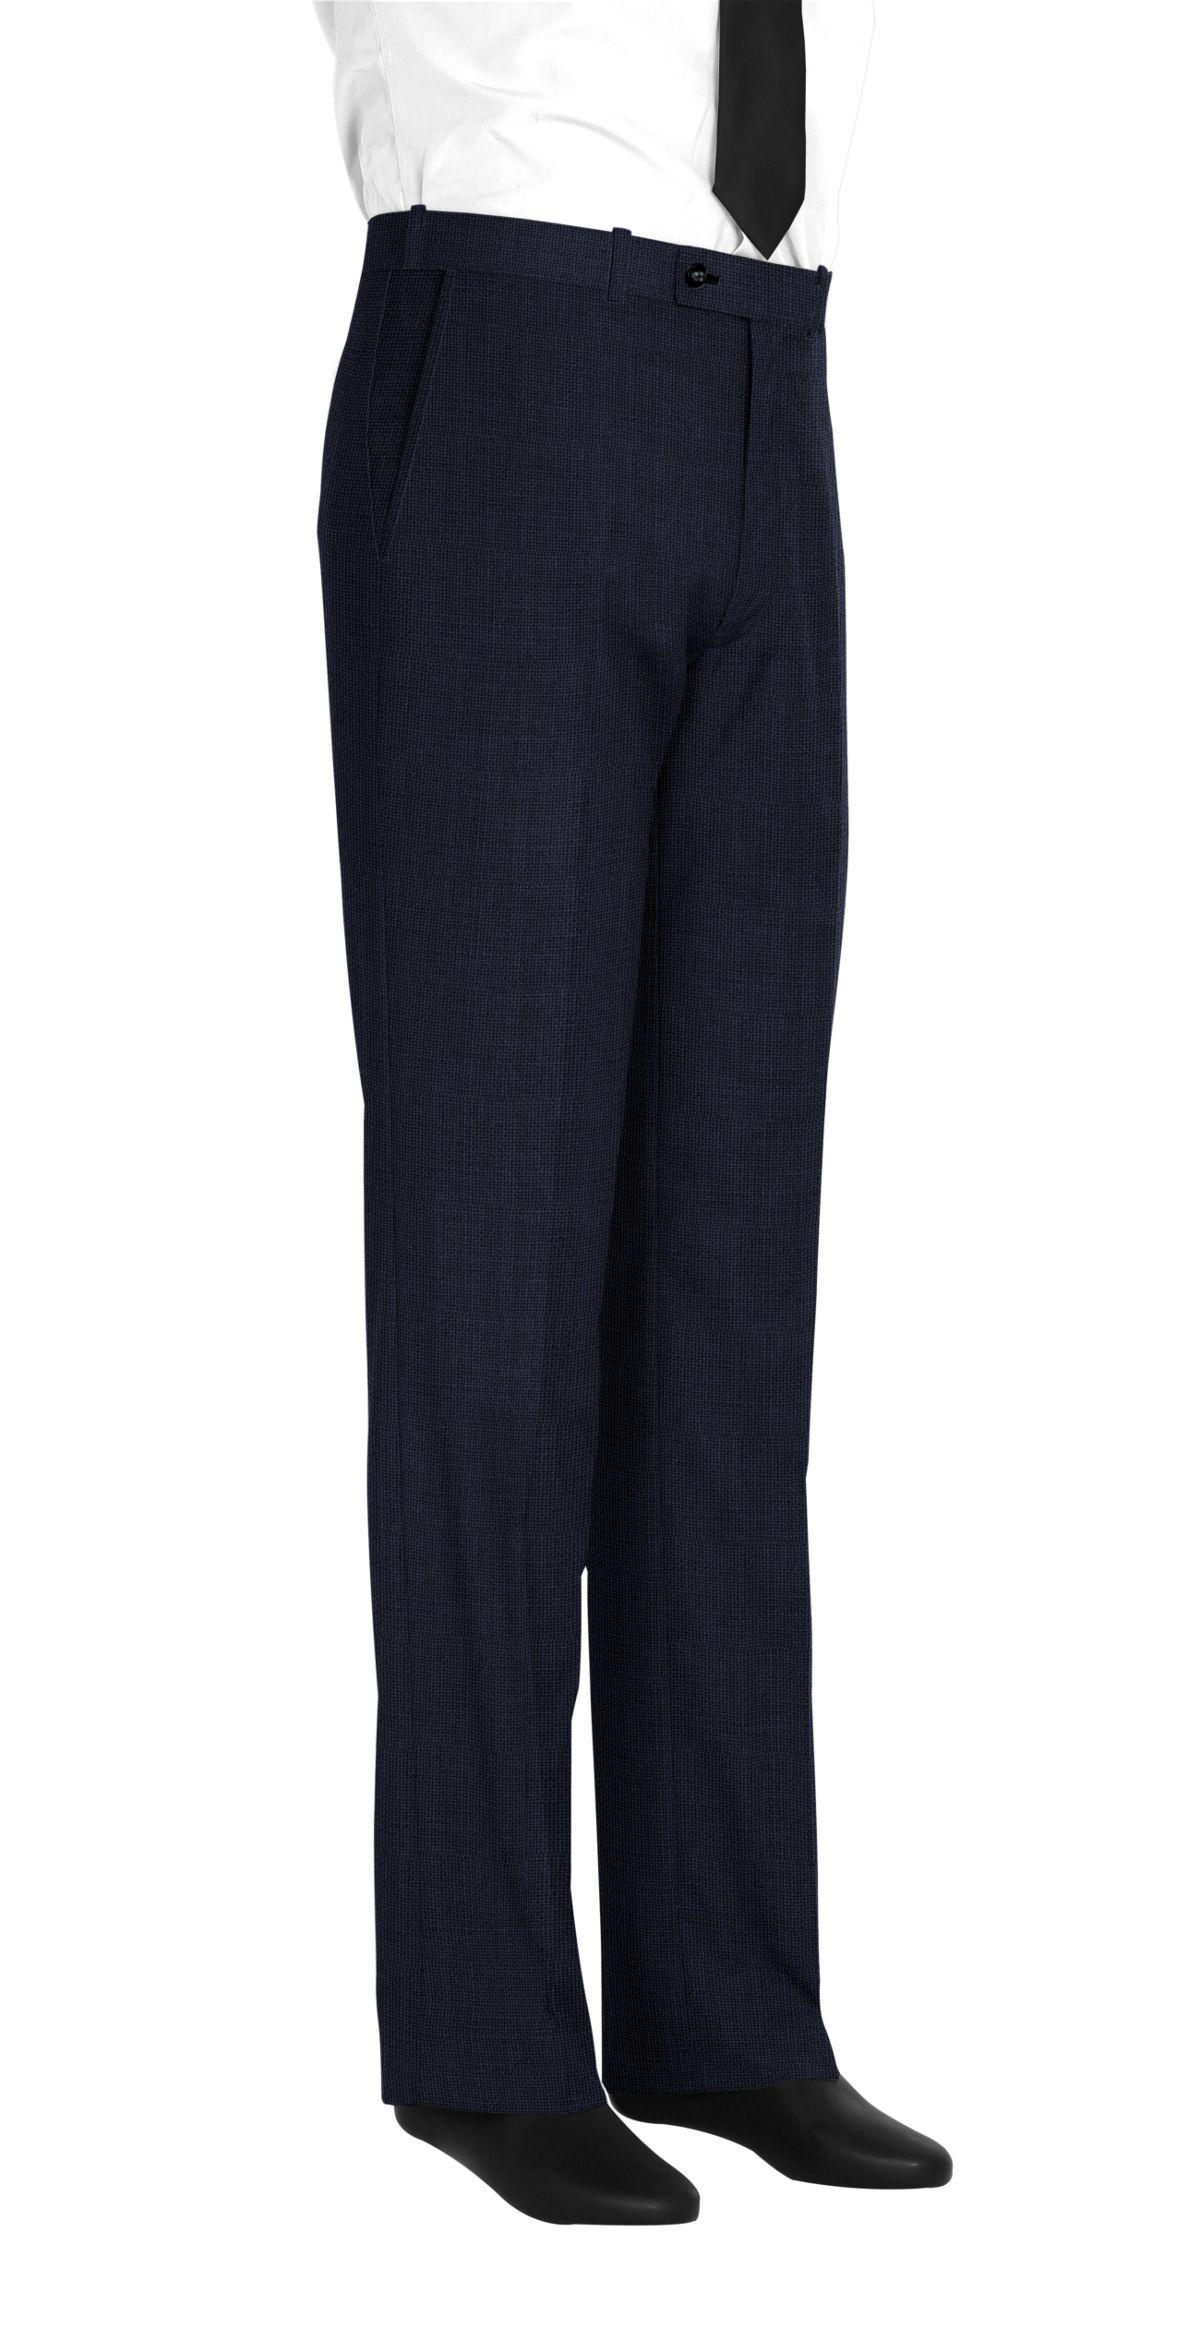 Pantalon homme sur mesure et personnalisé bleu foncé uni  bas simple sans revers